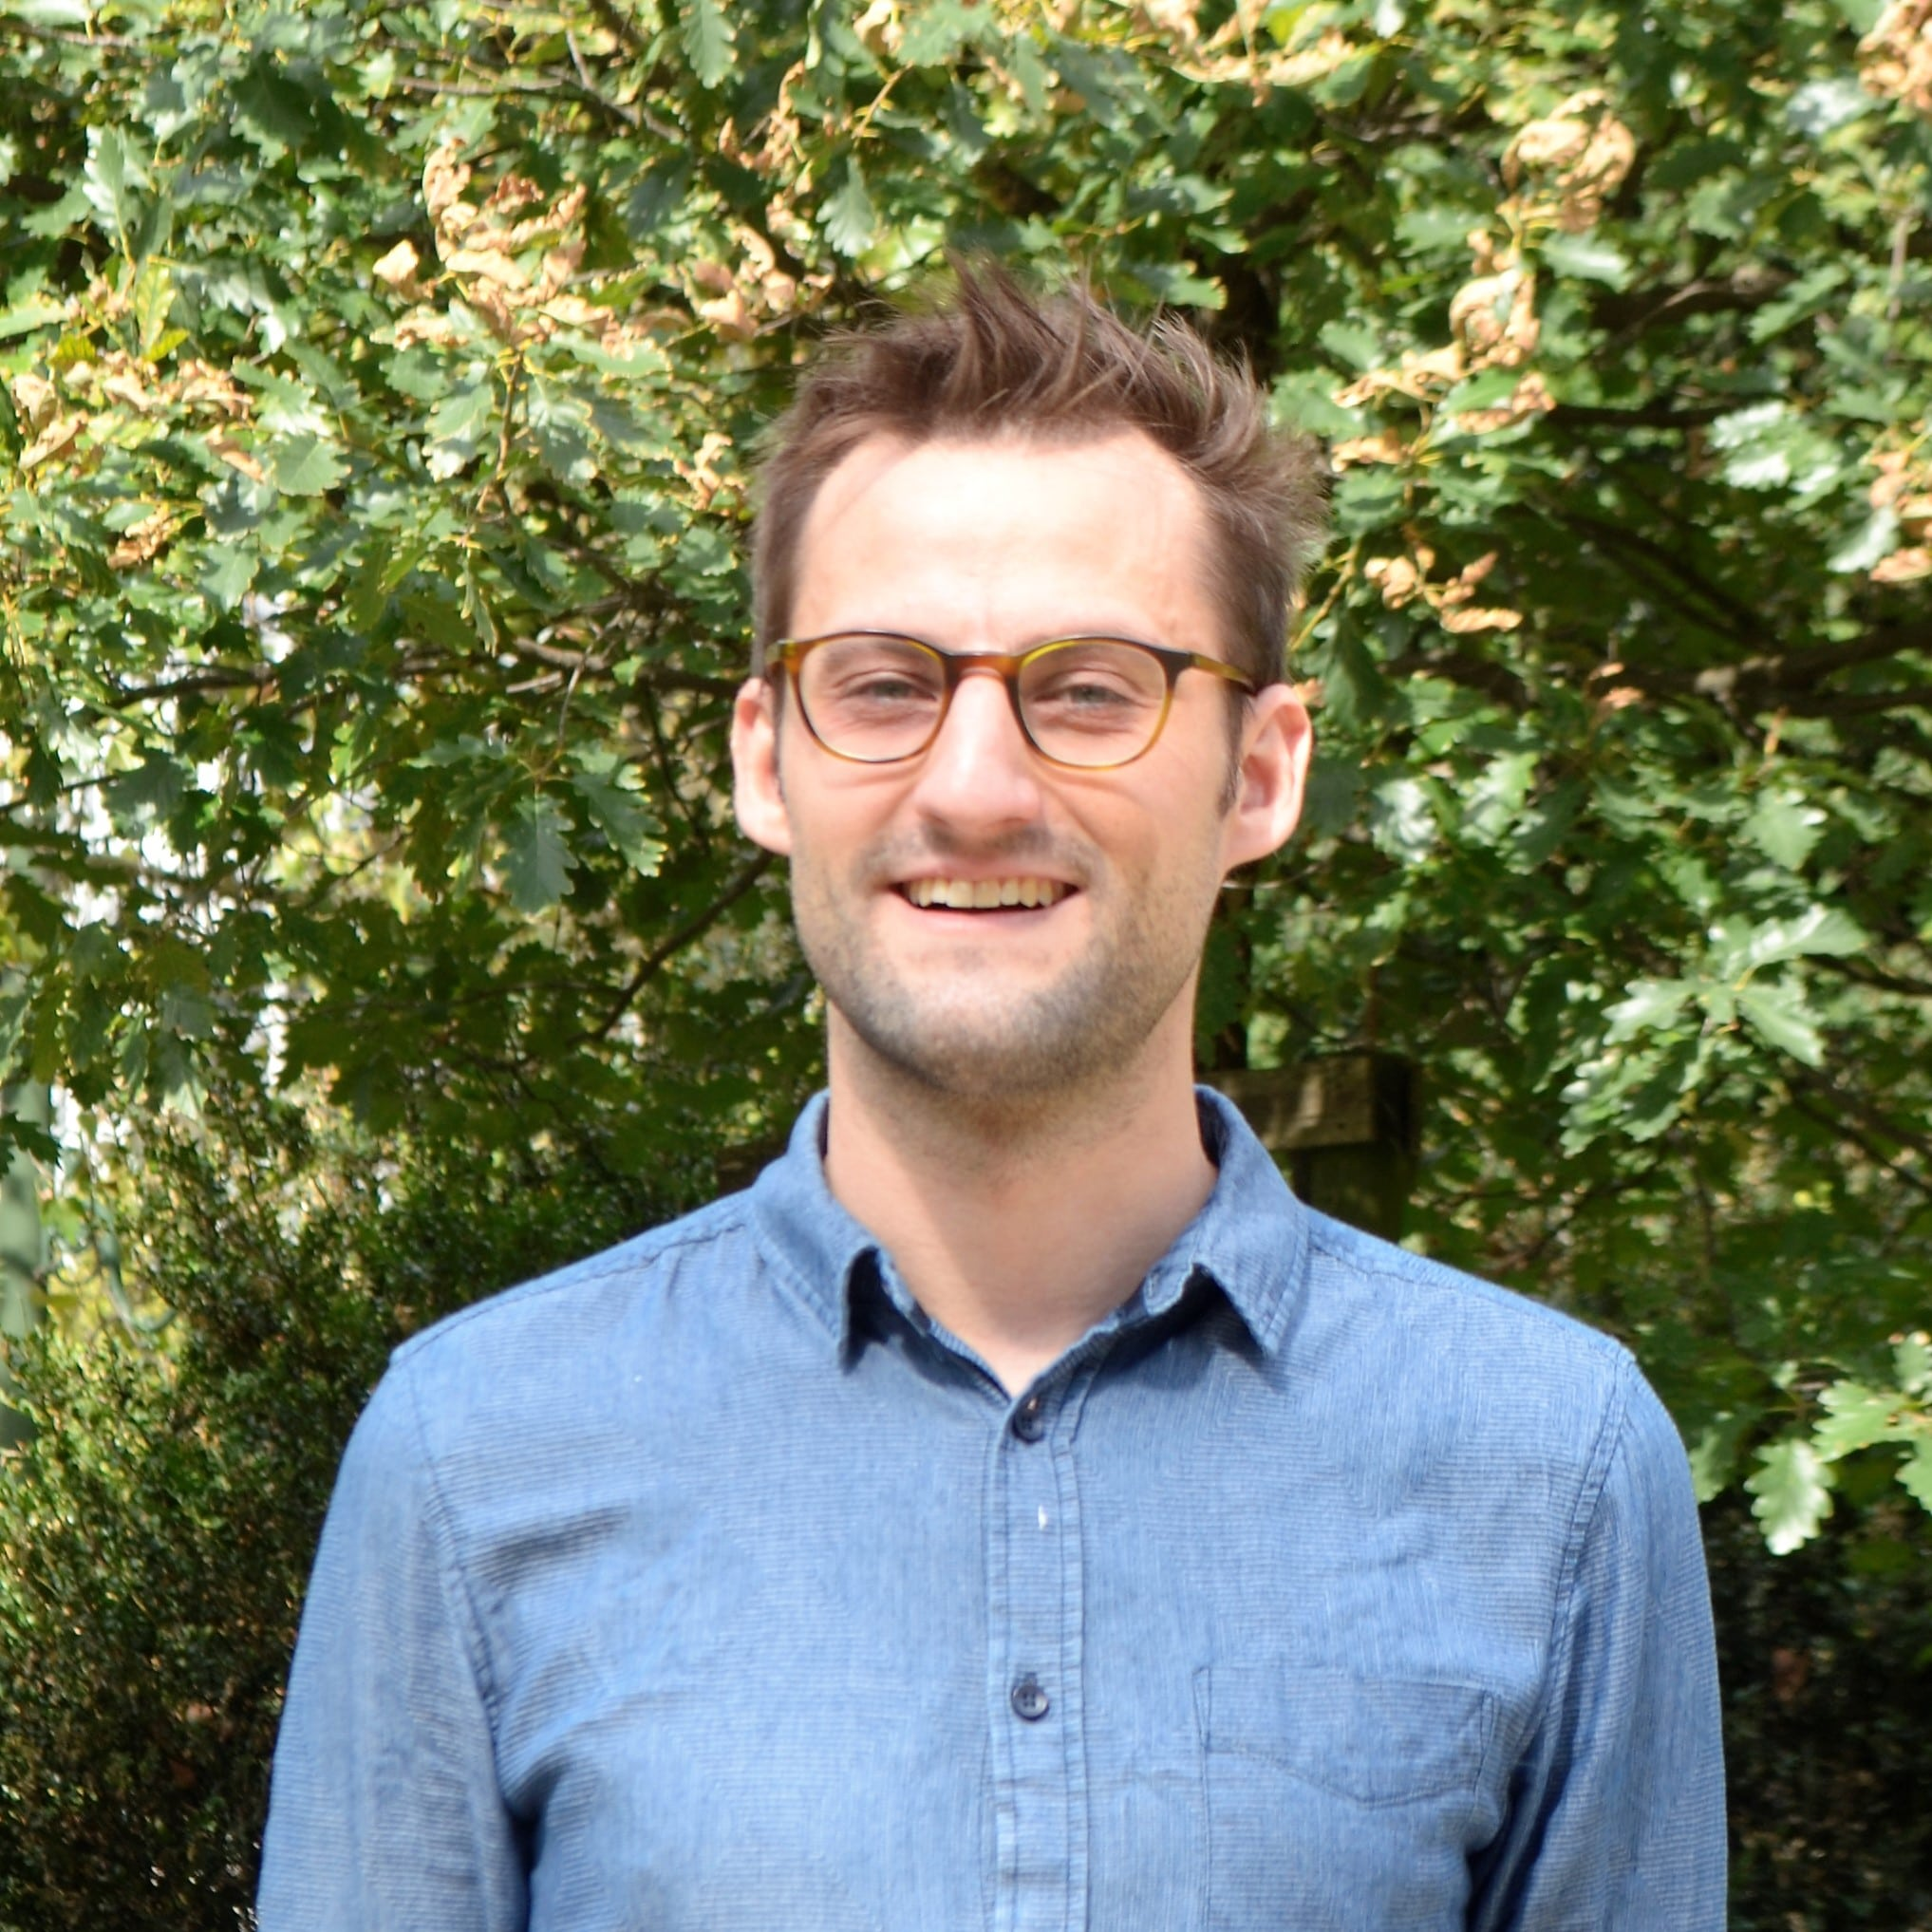 Thomas Doesselaere